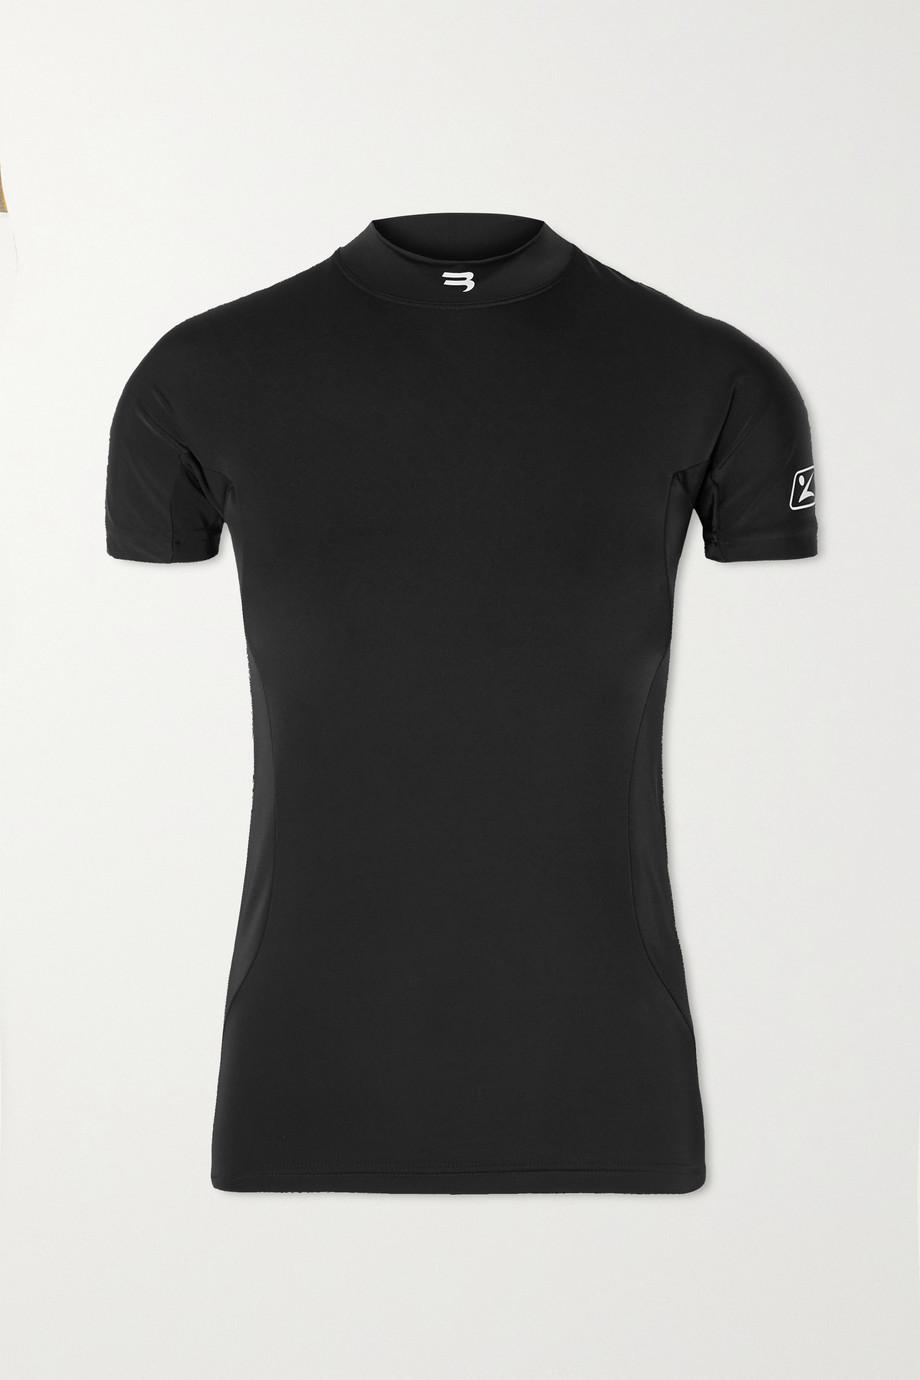 Balenciaga Haut en jersey stretch imprimé